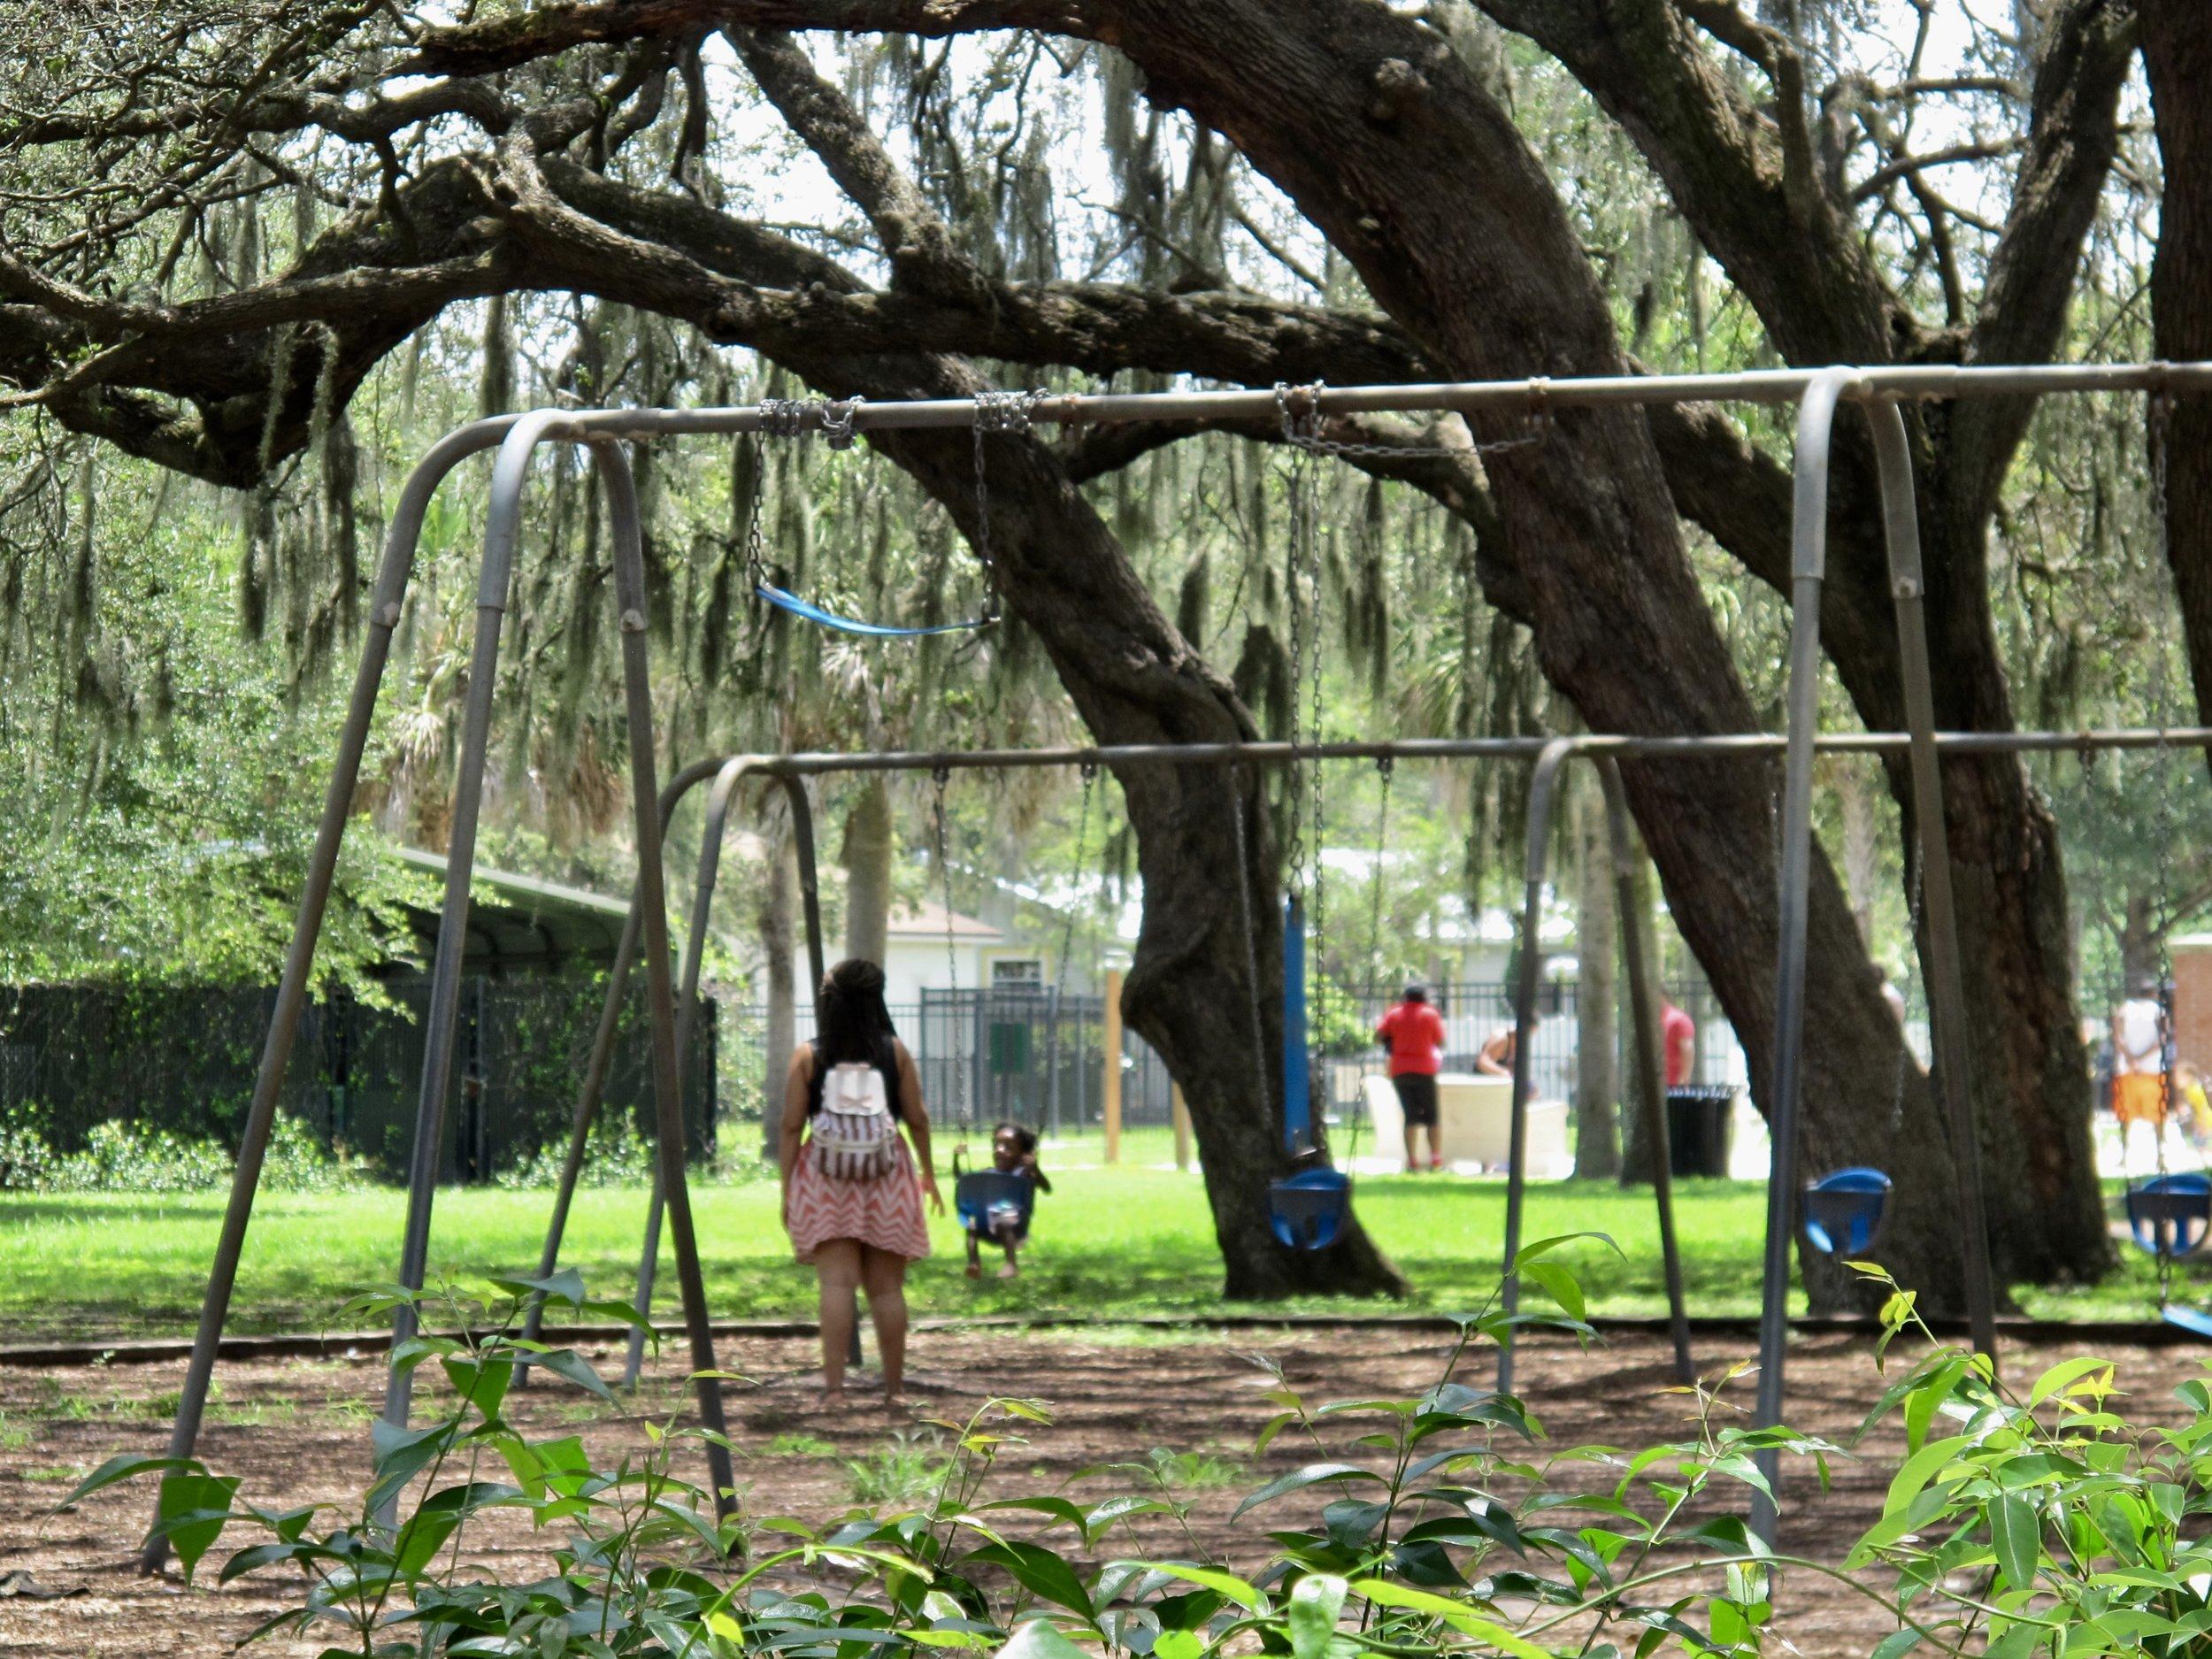 Giddens Park - SPLASH PAD & LANDSCAPING